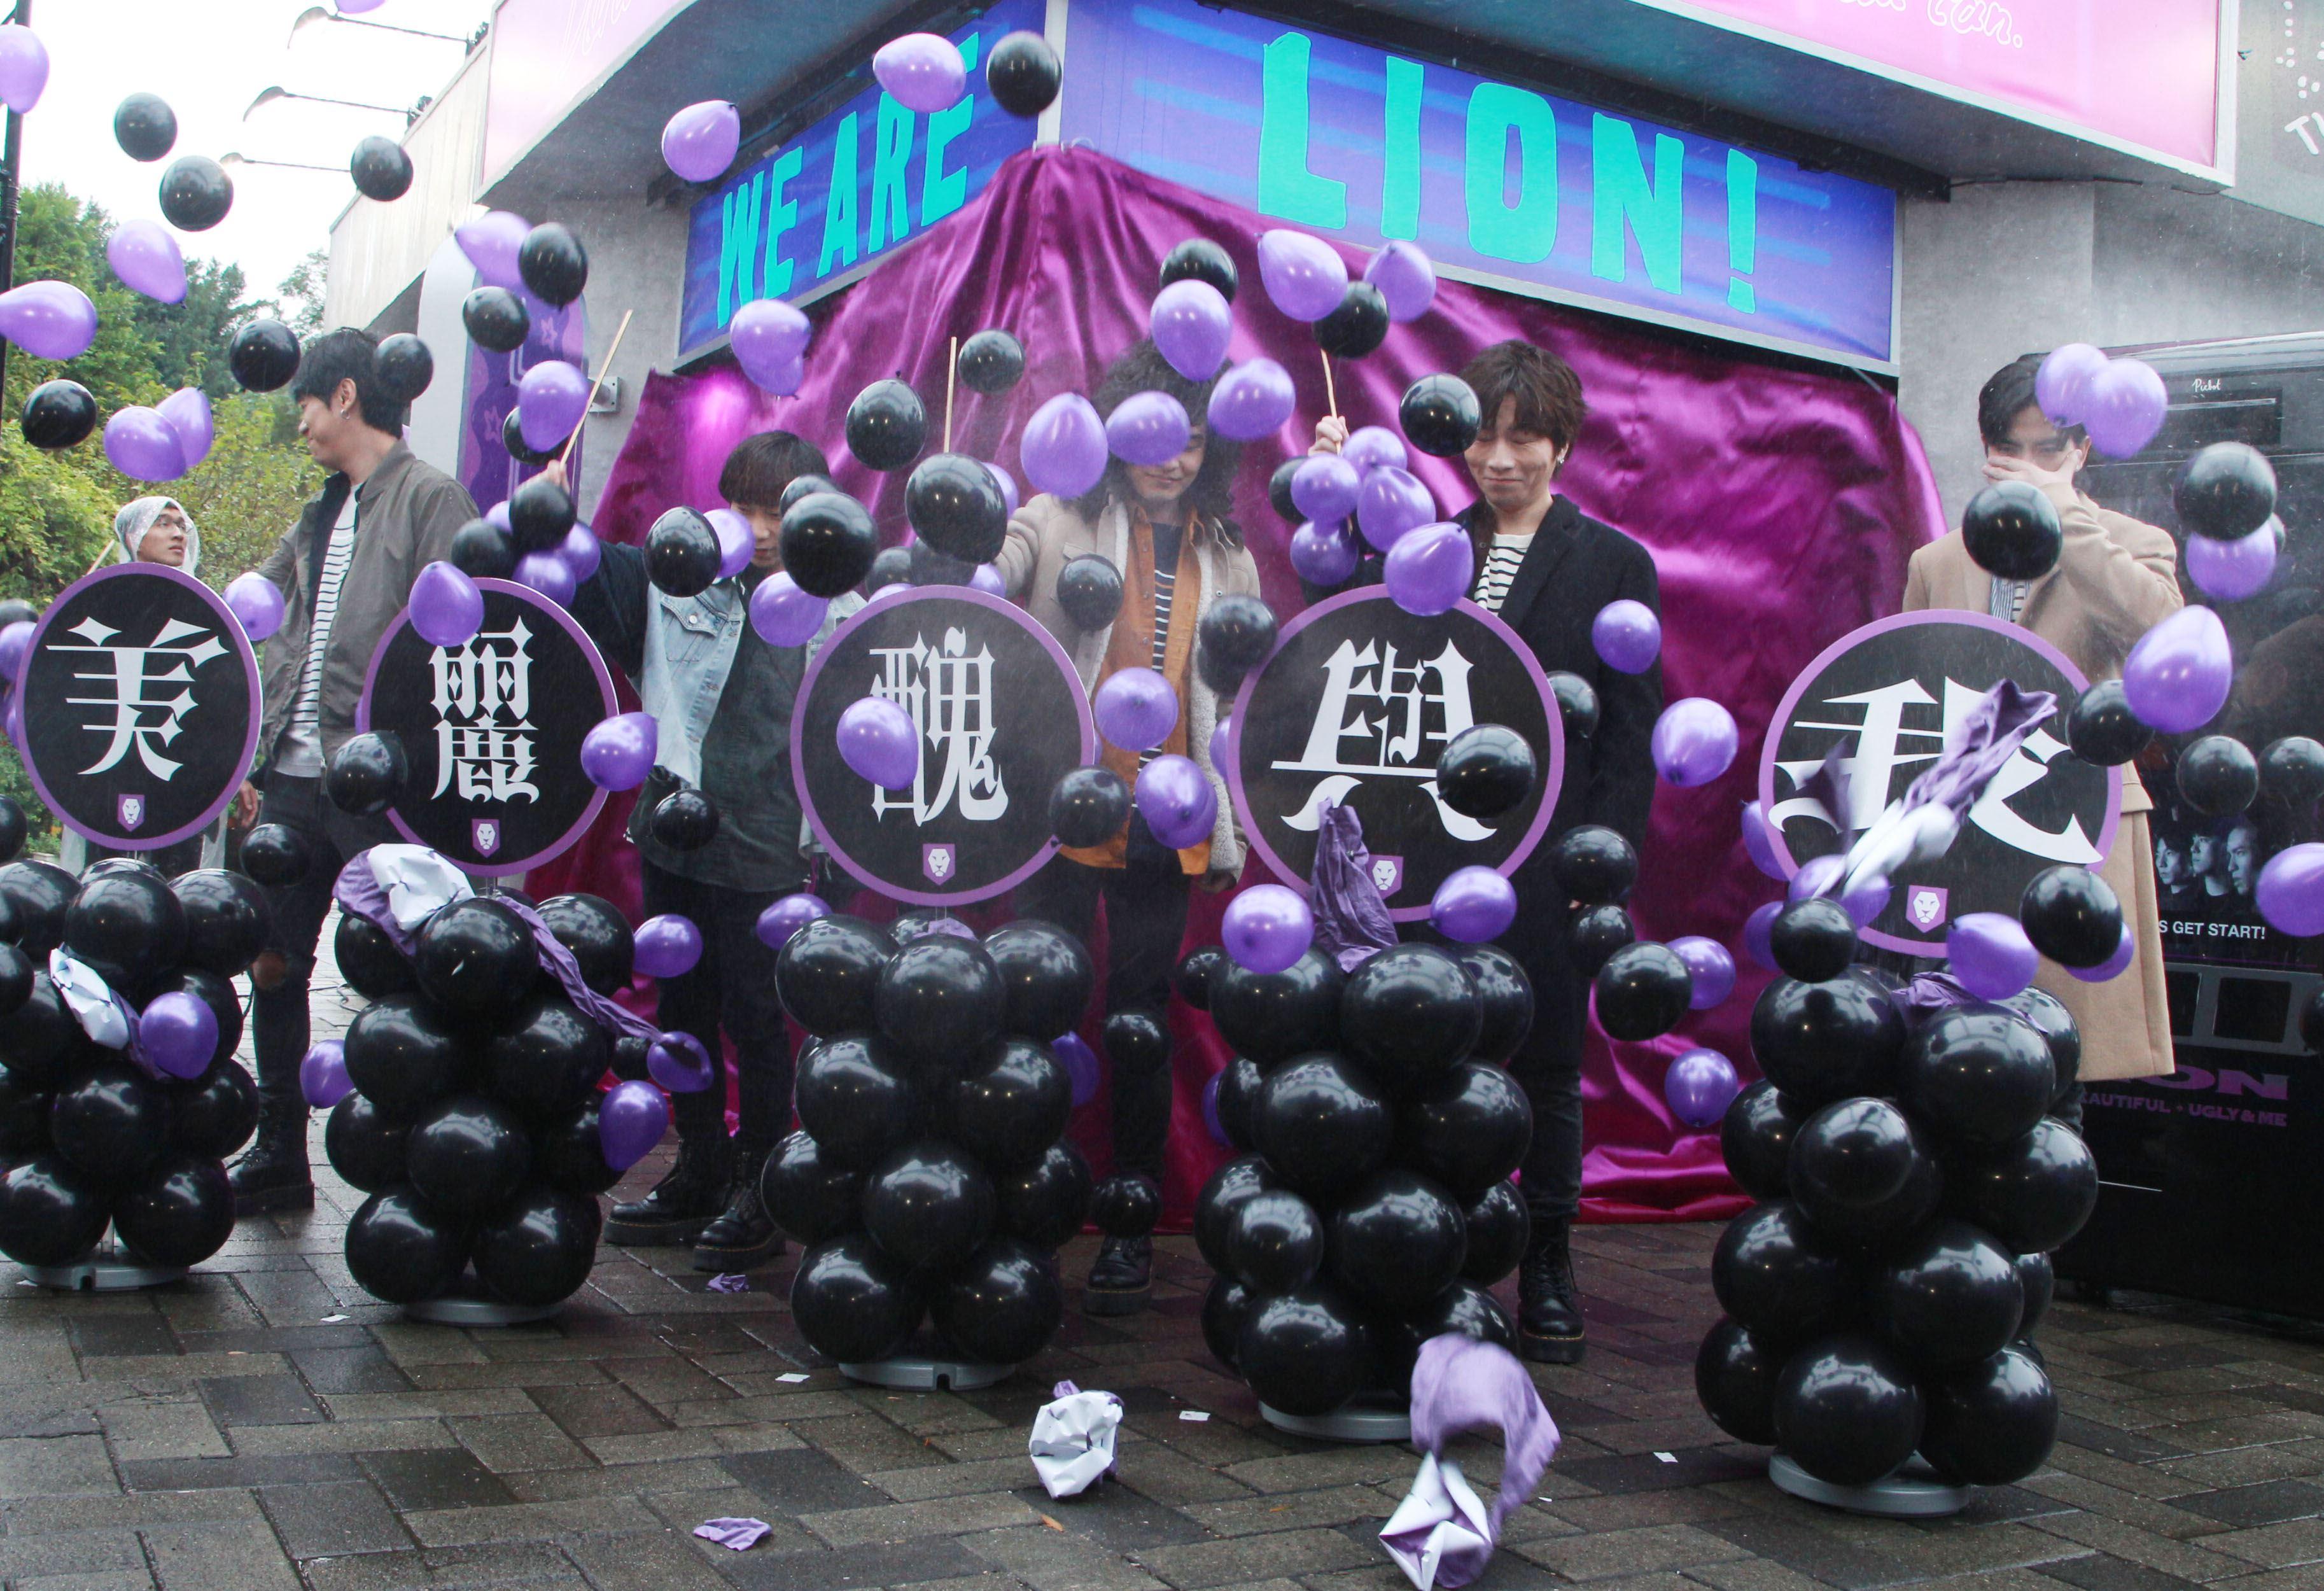 「亞洲重磅搖滾天團」獅子LION蕭敬騰、力Q、小強、陳珩、FUMI 2019年推出全新專輯「美麗、醜與我」。(記者邱榮吉/攝影)